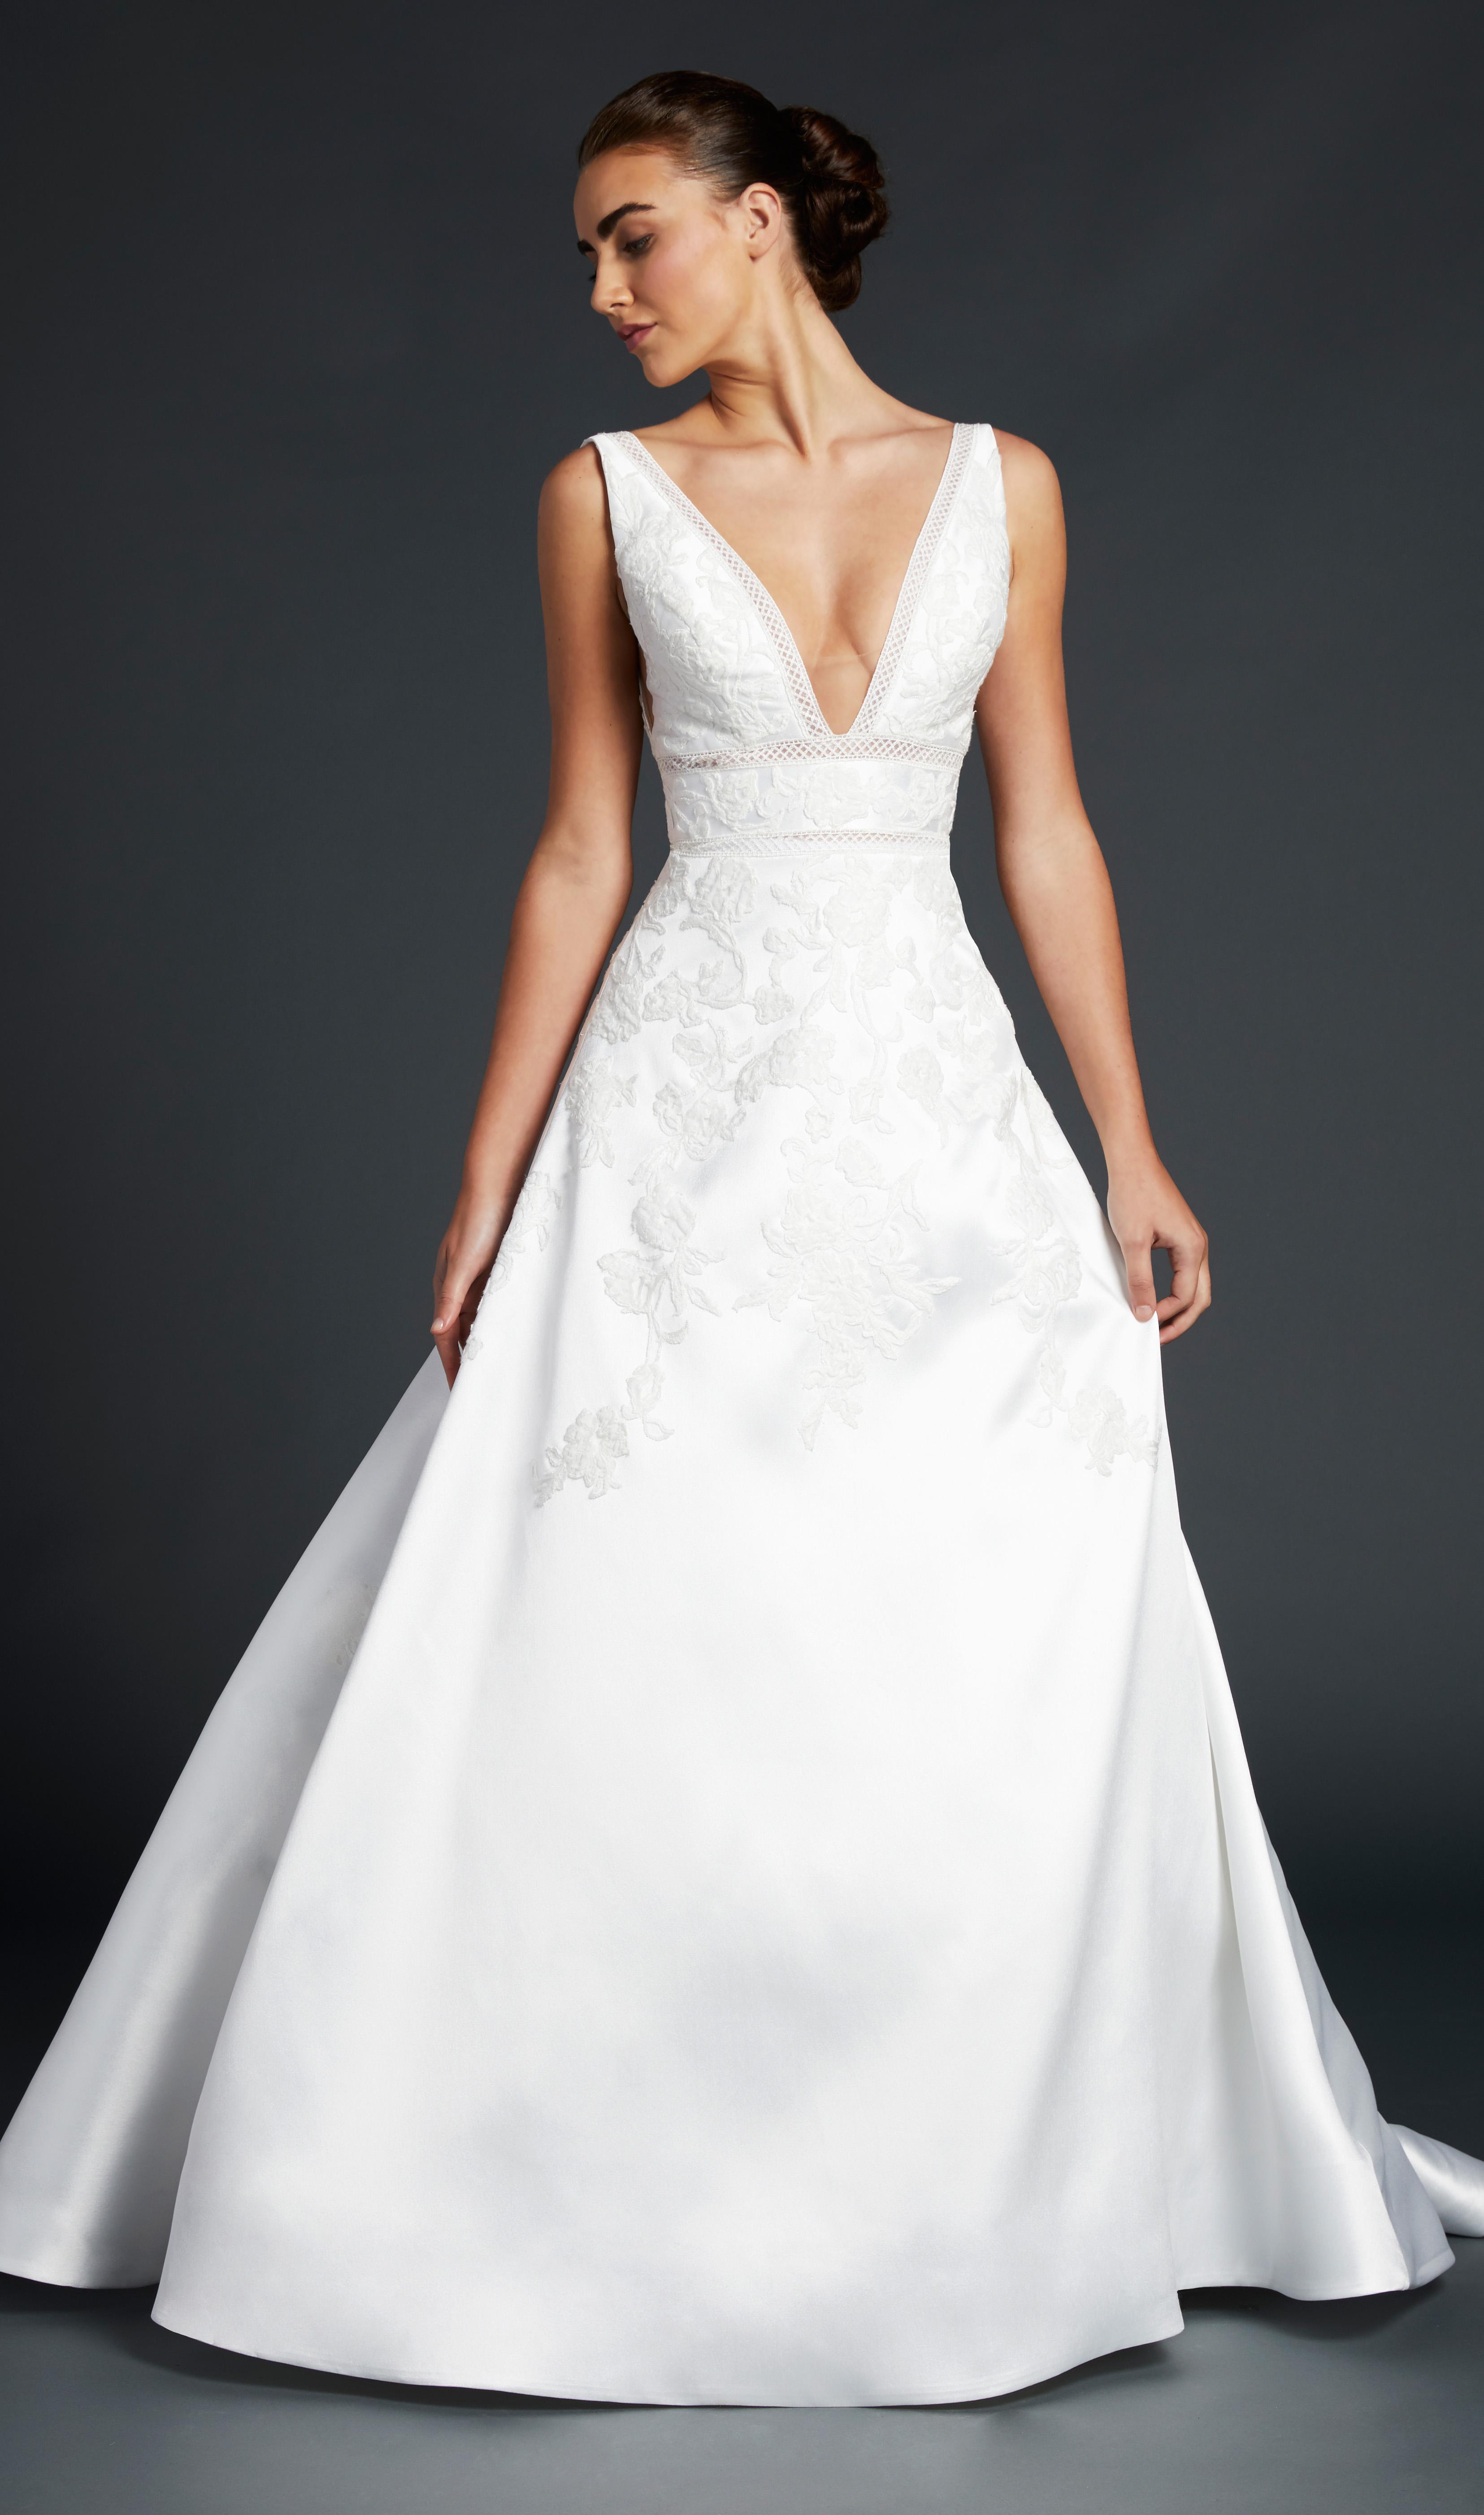 blue willow wedding dress sleeveless deep v-neck a-line